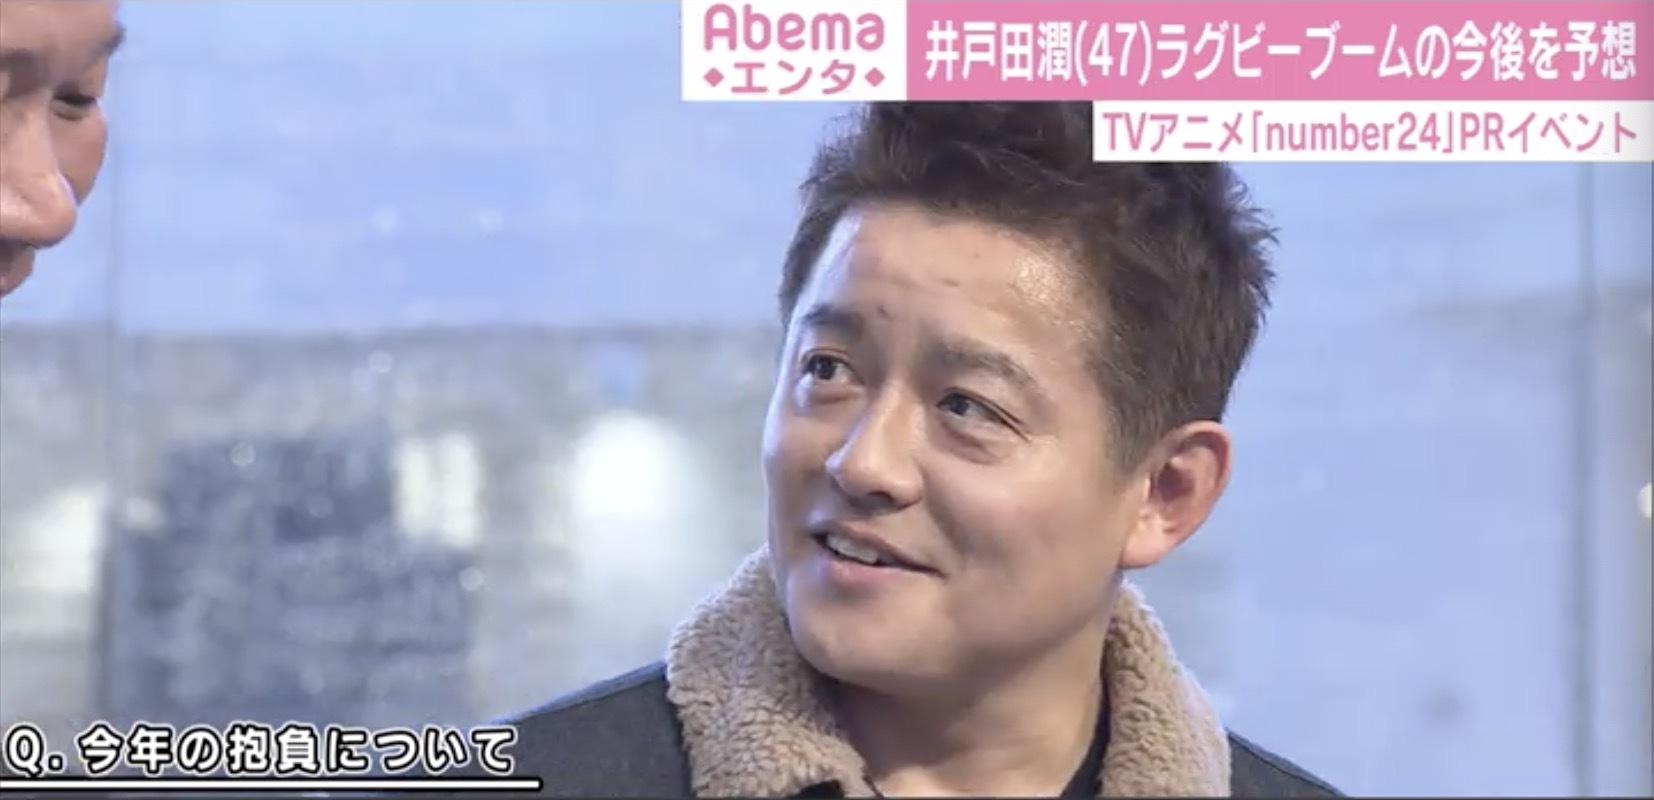 井戸田潤、結婚相手が見つからず「毎晩行きずりの女性を…」